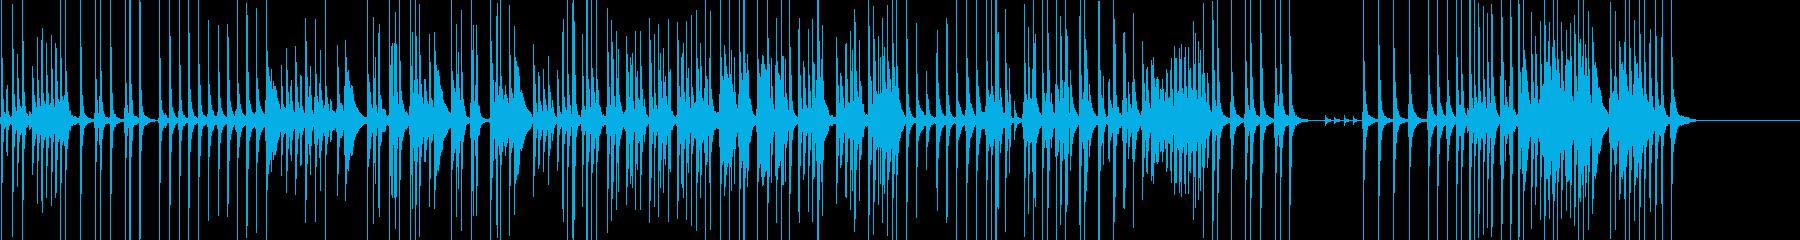 三味線79鷺娘11合方生音歌舞伎妖怪鷺雪の再生済みの波形